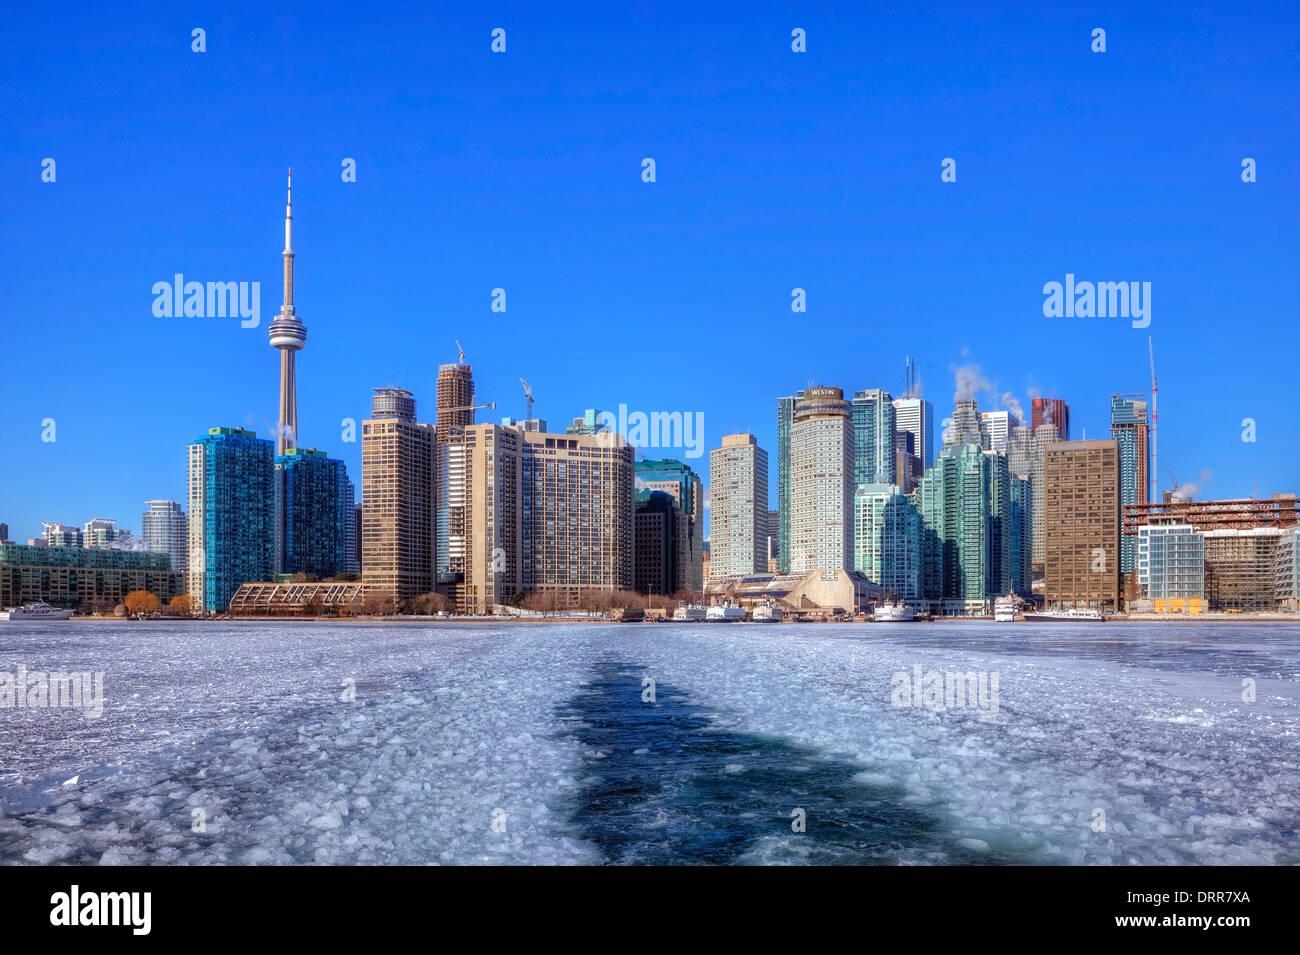 Skyline di Toronto, Ontario, Canada, inverno Immagini Stock